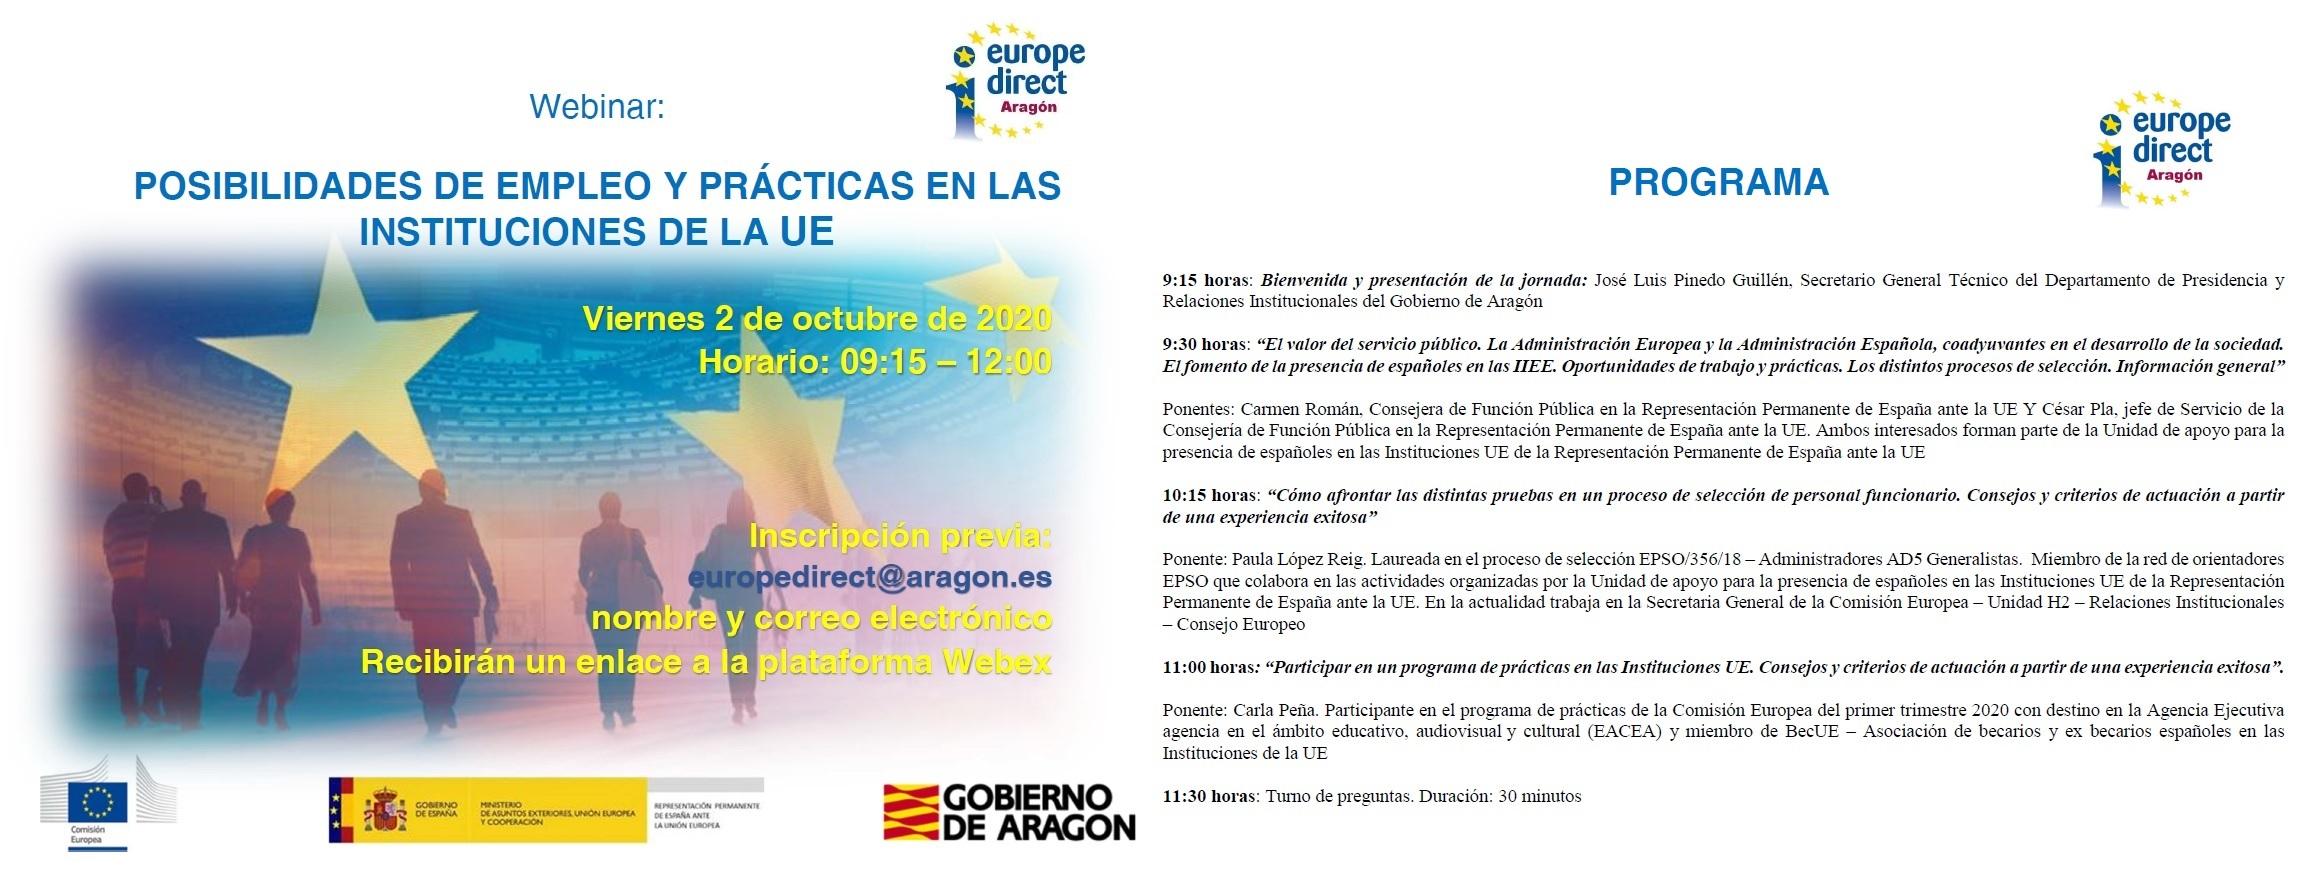 Imagen de portada de Jornada Posibilidades de empleo y prácticas en las Instituciones de la UE